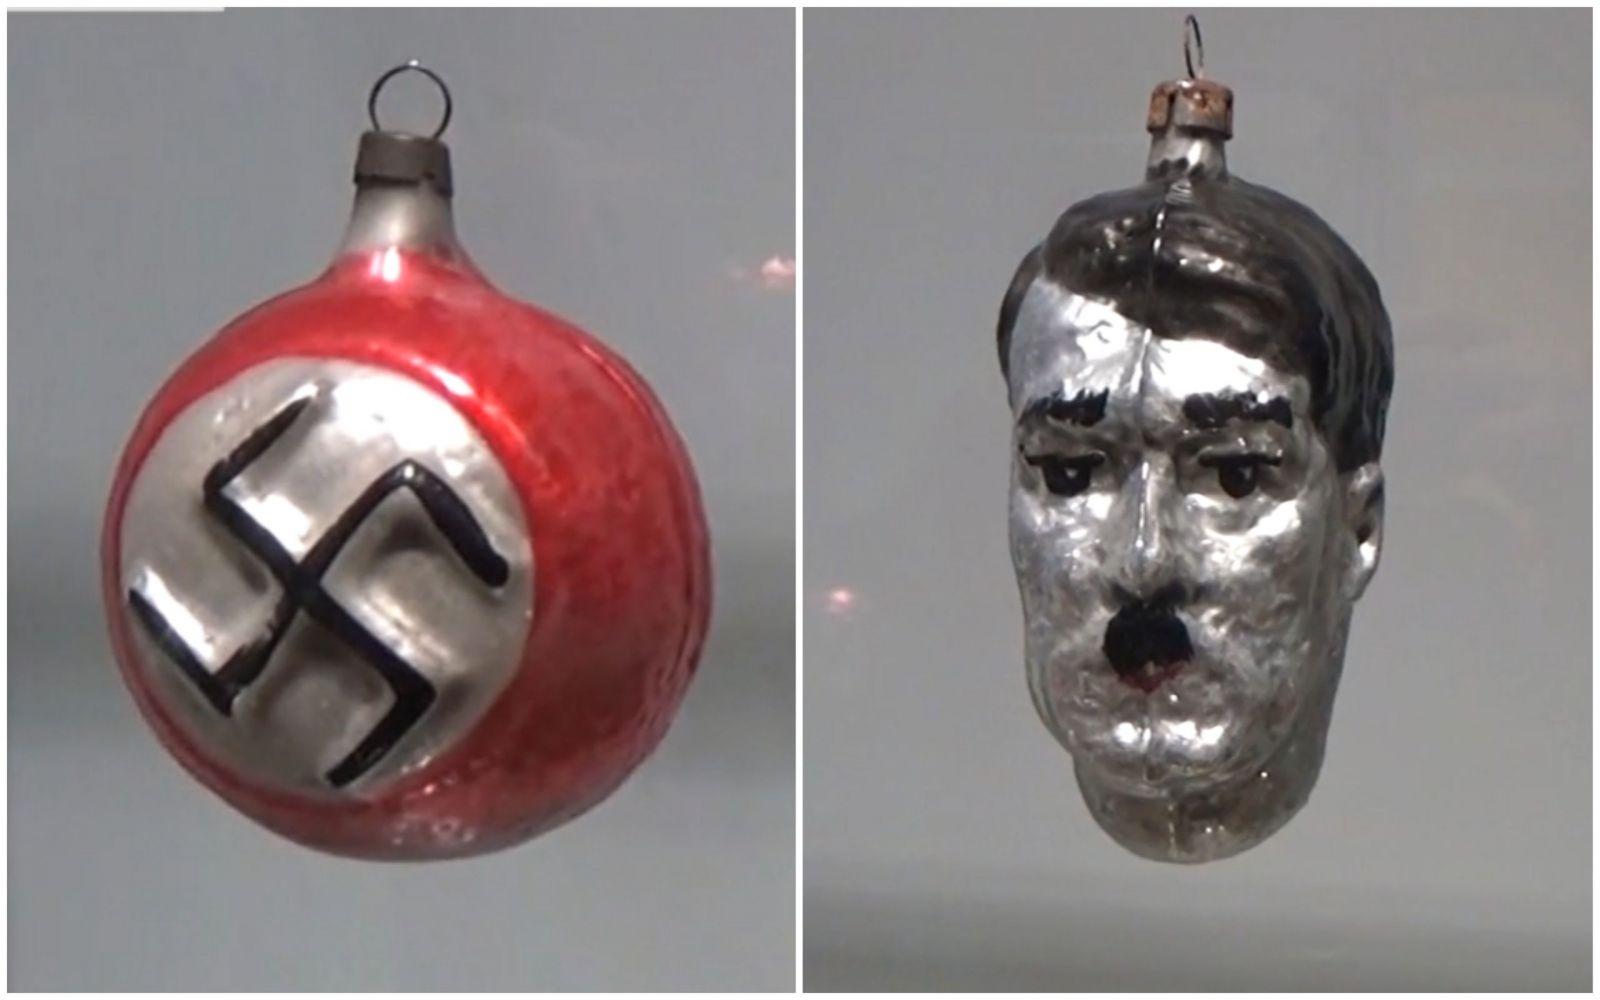 Čech prodával nacistické ozdoby na stromeček. Nechyběla ani hlava Adolfa Hitlera